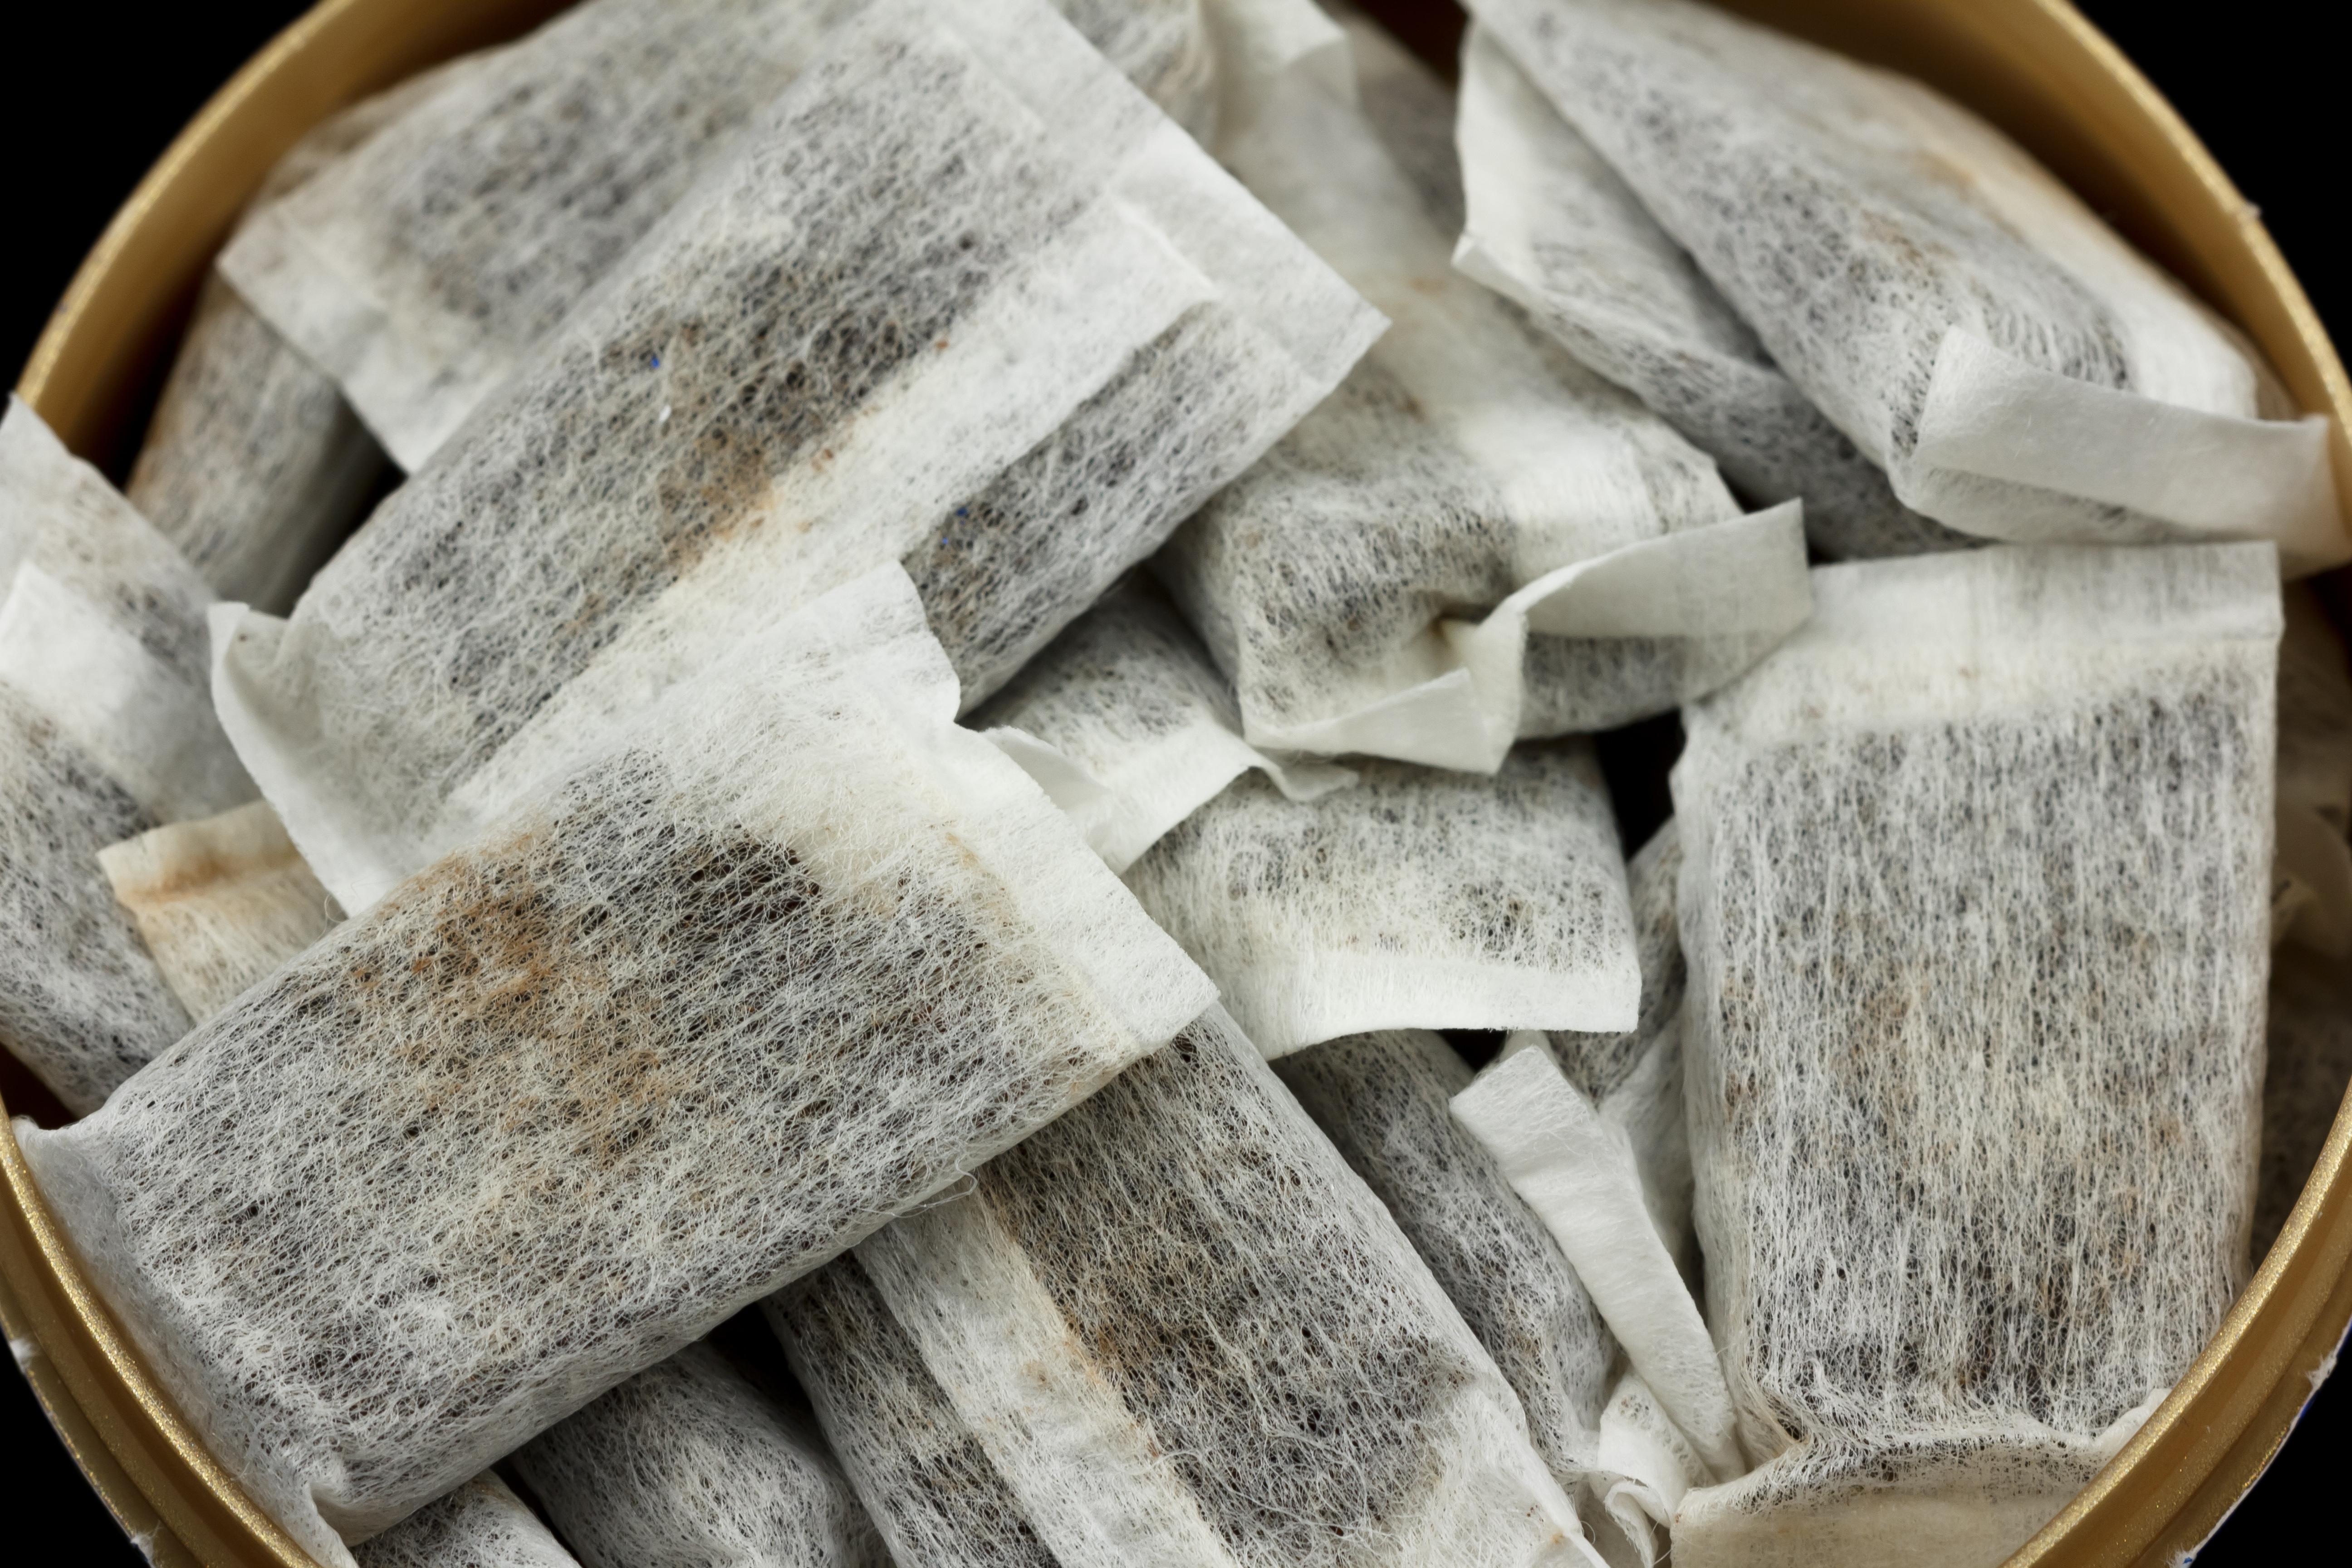 Forskare har tittat närmare på hur farligt, eller ofarligt, snus faktiskt är.